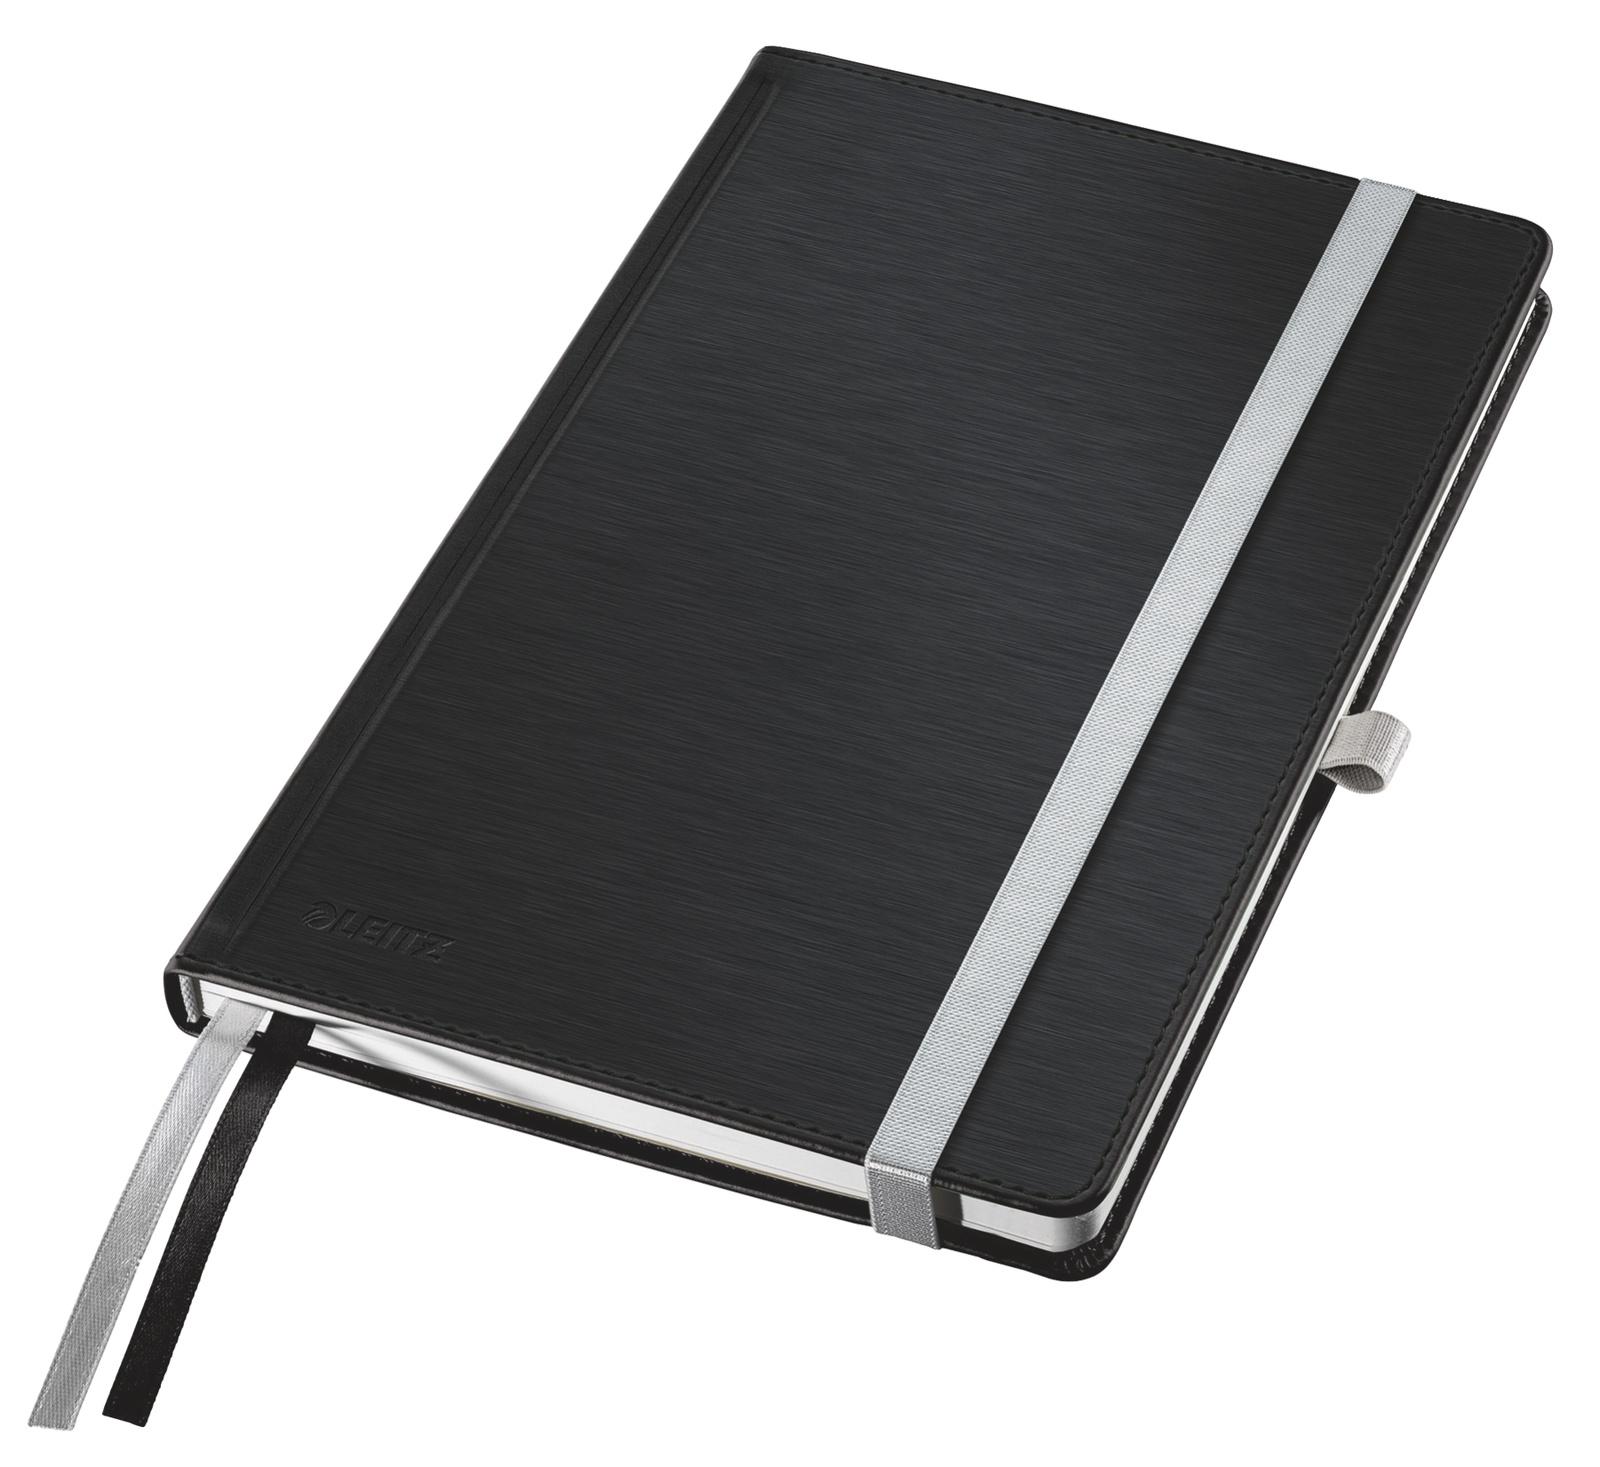 Записная книжка Leitz Записная книга Style, А5, клетка, черный сталь, 80